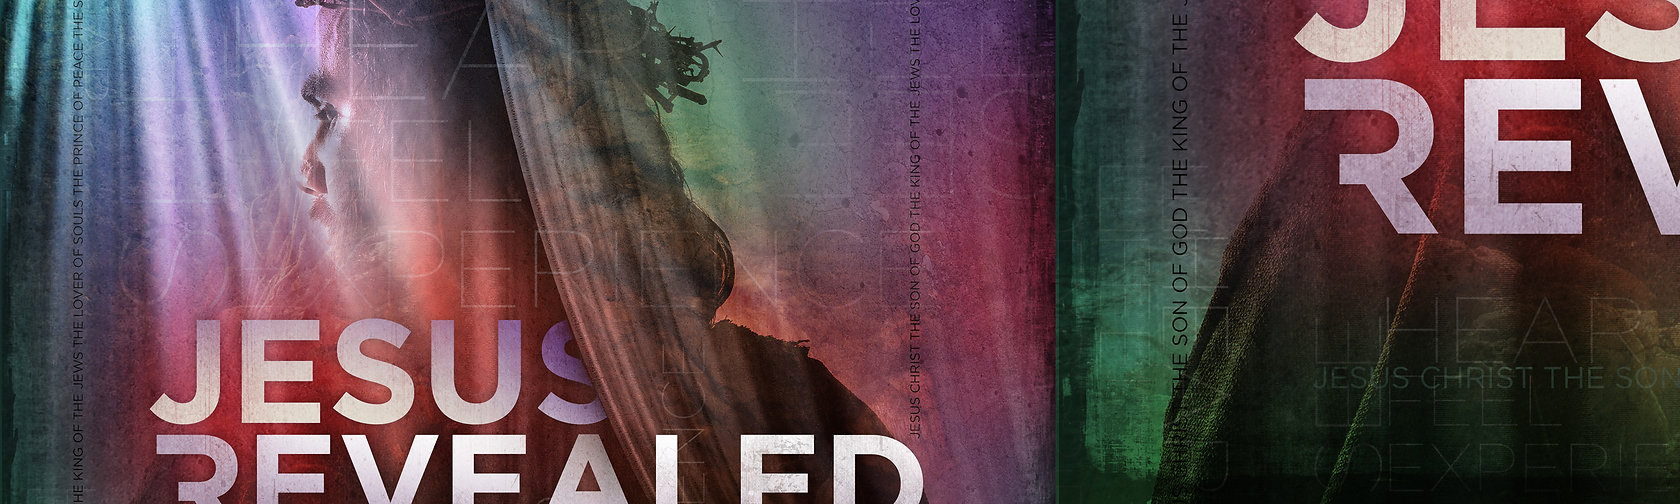 seek-first-slider-jesus-revealed.jpg